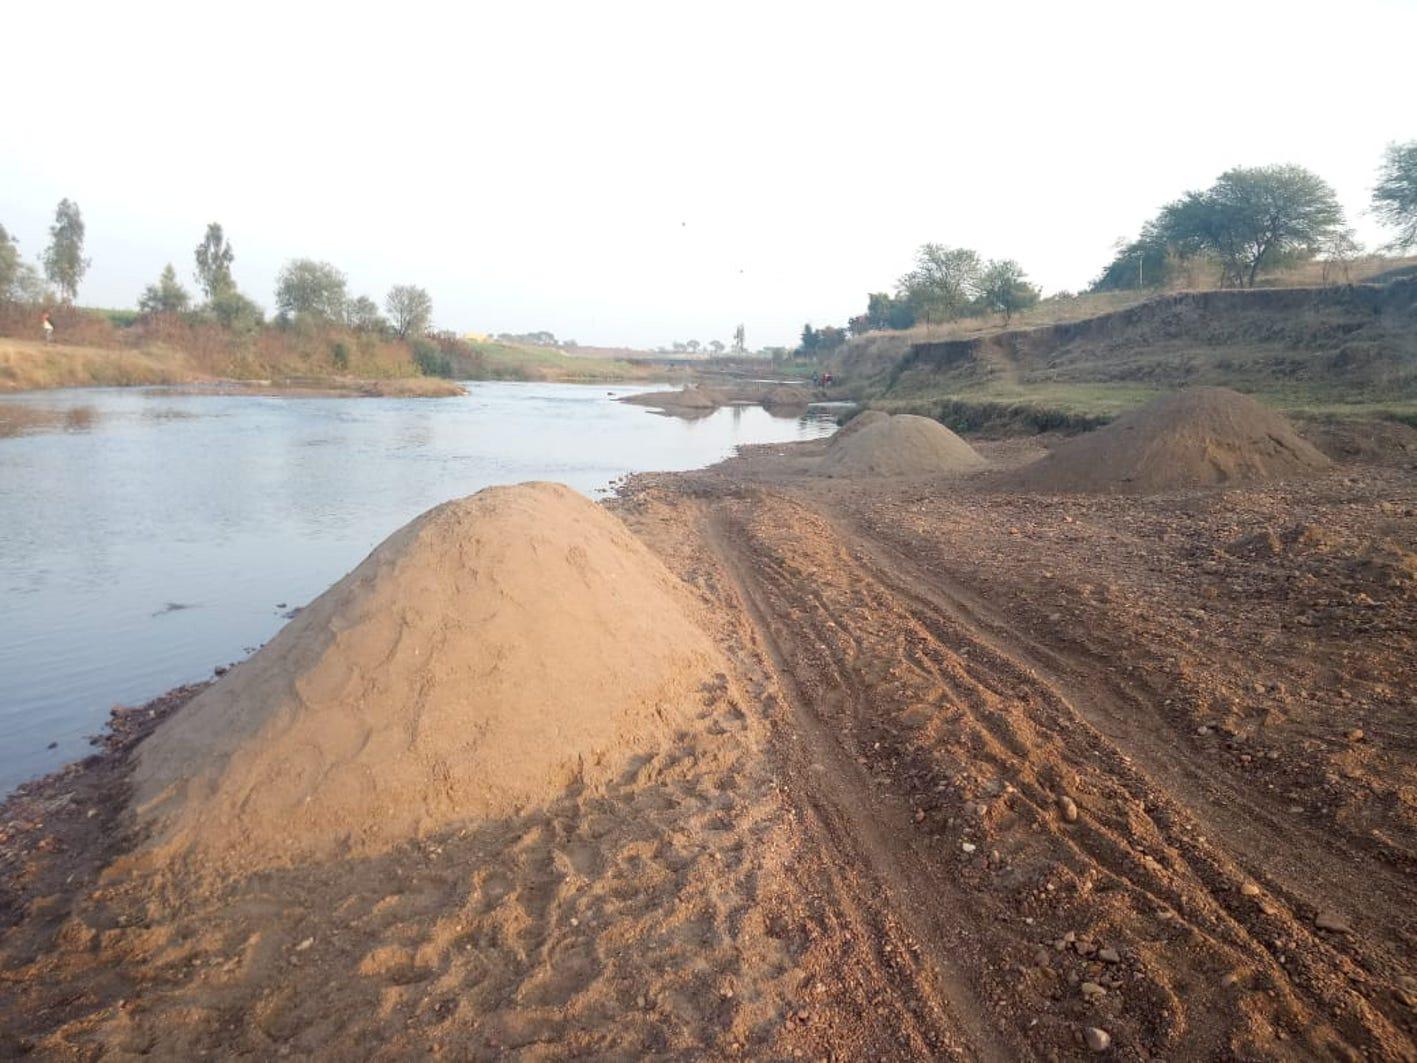 सीएम के जिले में रेत का अवैध खनन और परिवहन रोकने होगी यह कवायद, जानें रणनीति